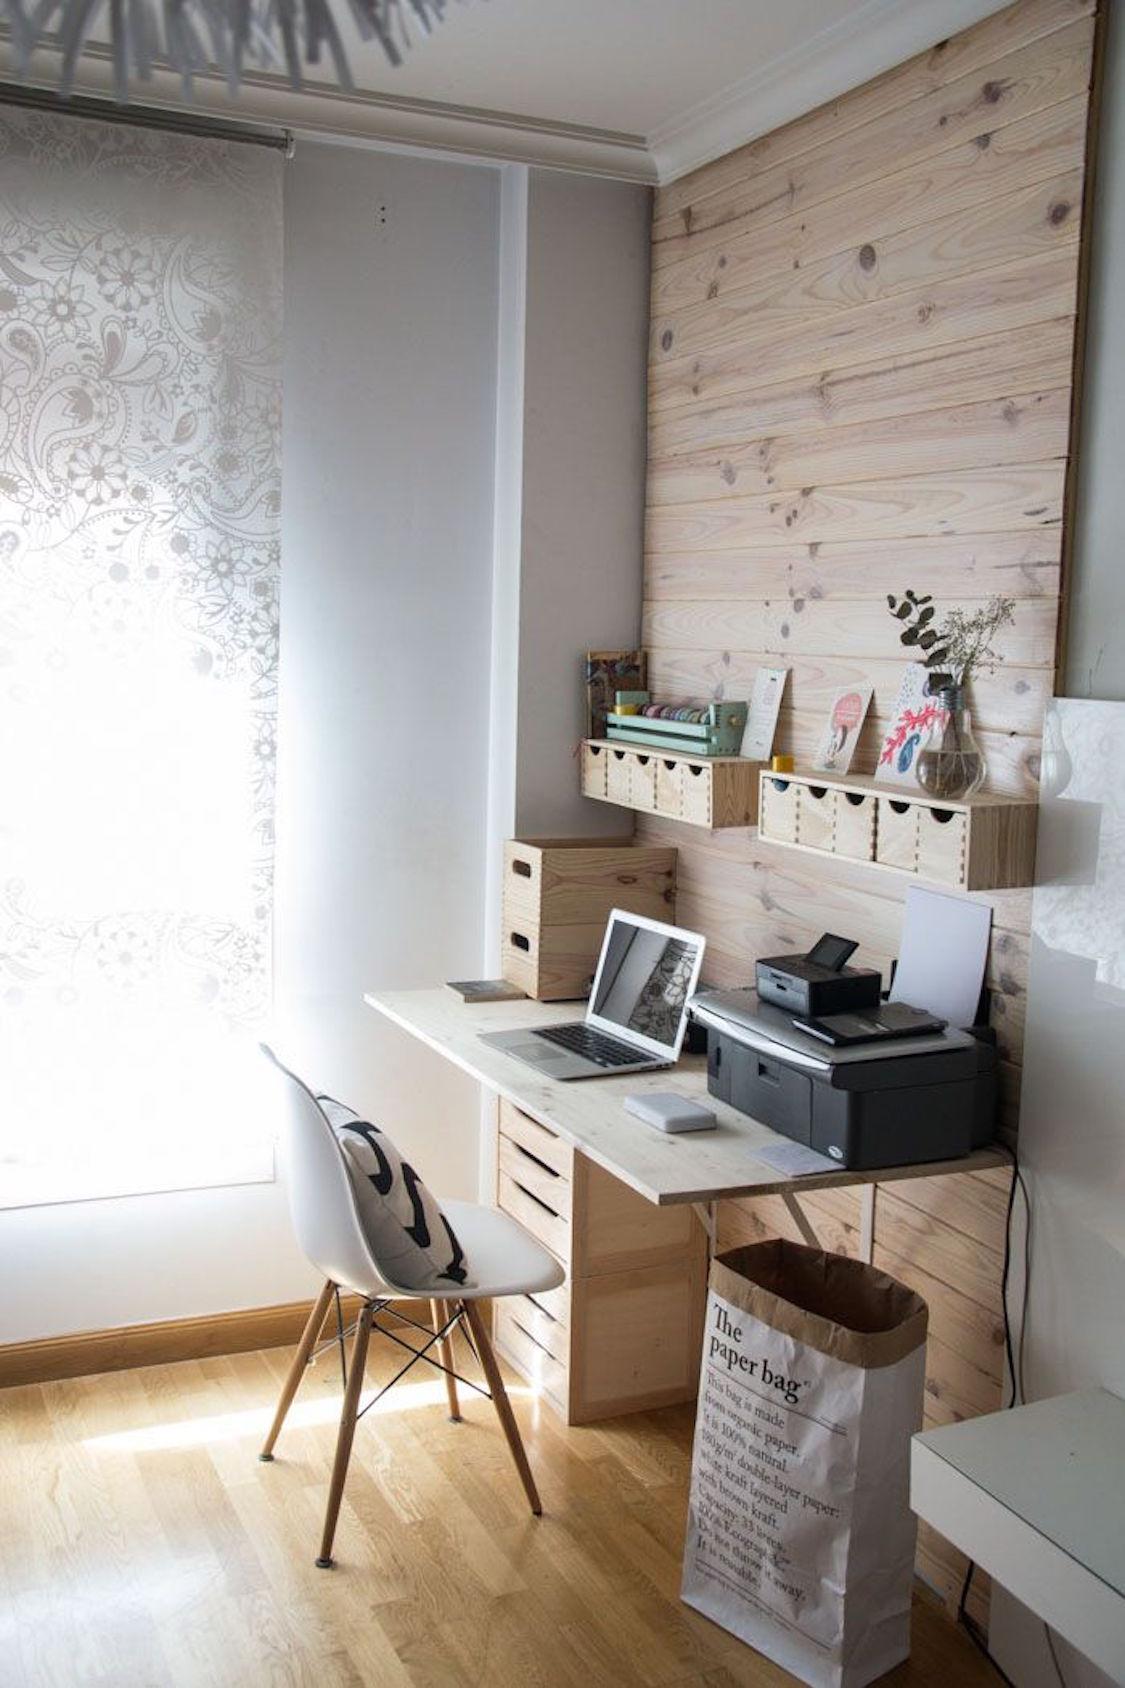 ambientes-e-decoracao-com-paredes-revestidas-de-madeira-dani-noce-1